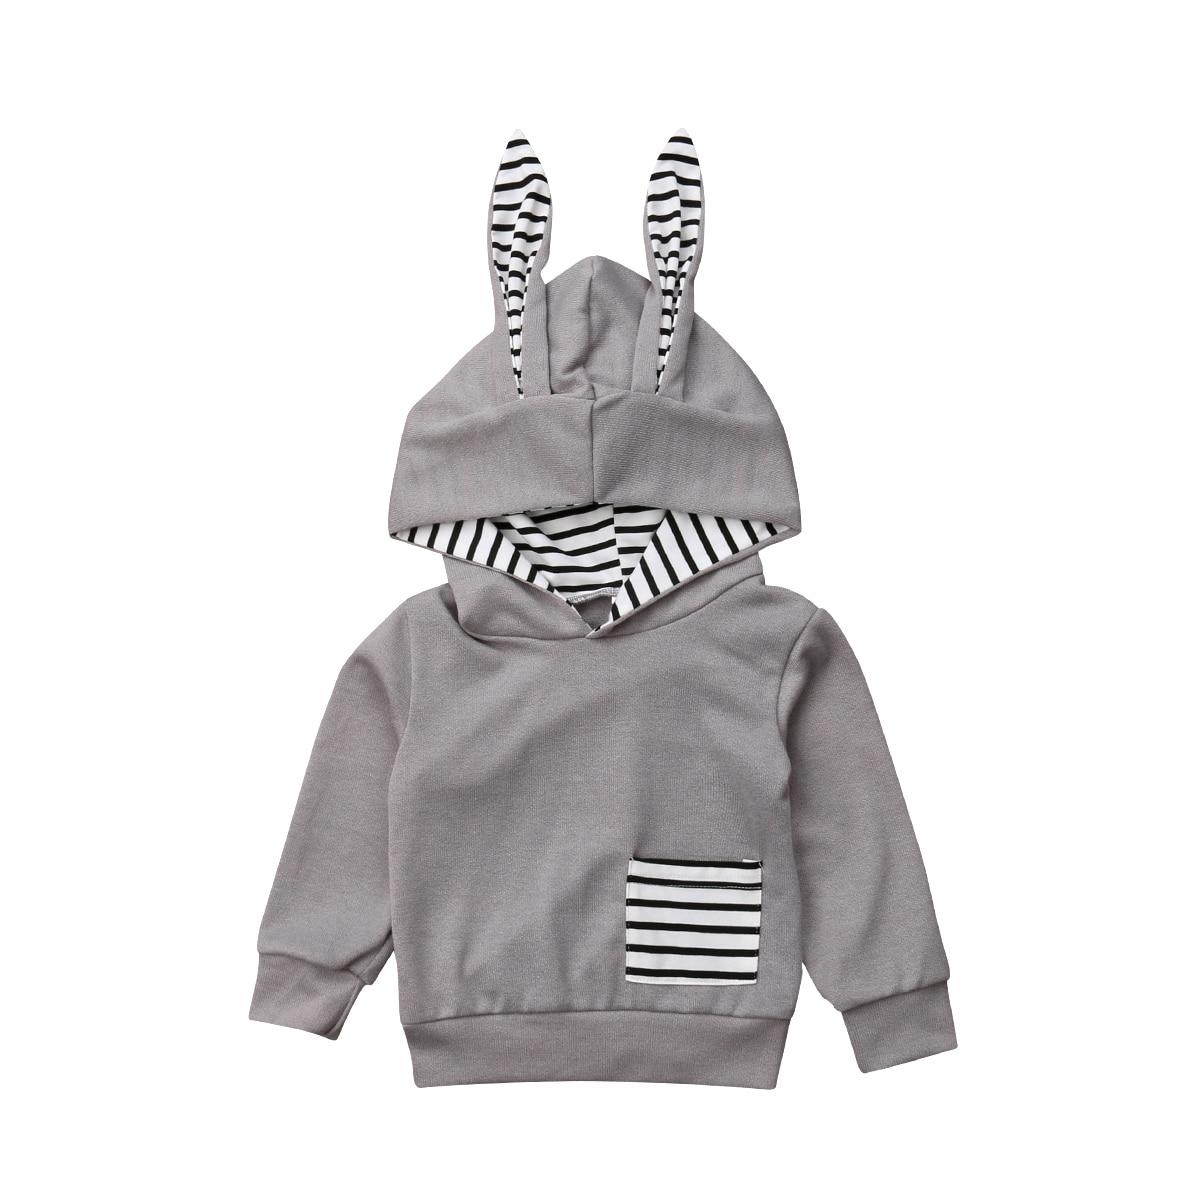 2018 Baby Jungen Mädchen Ohr Mit Kapuze Mantel Jacke Kleinkind Kinder Kaninchen Ohren Hoodies Outfit Kleidung 0-4 T Outfits